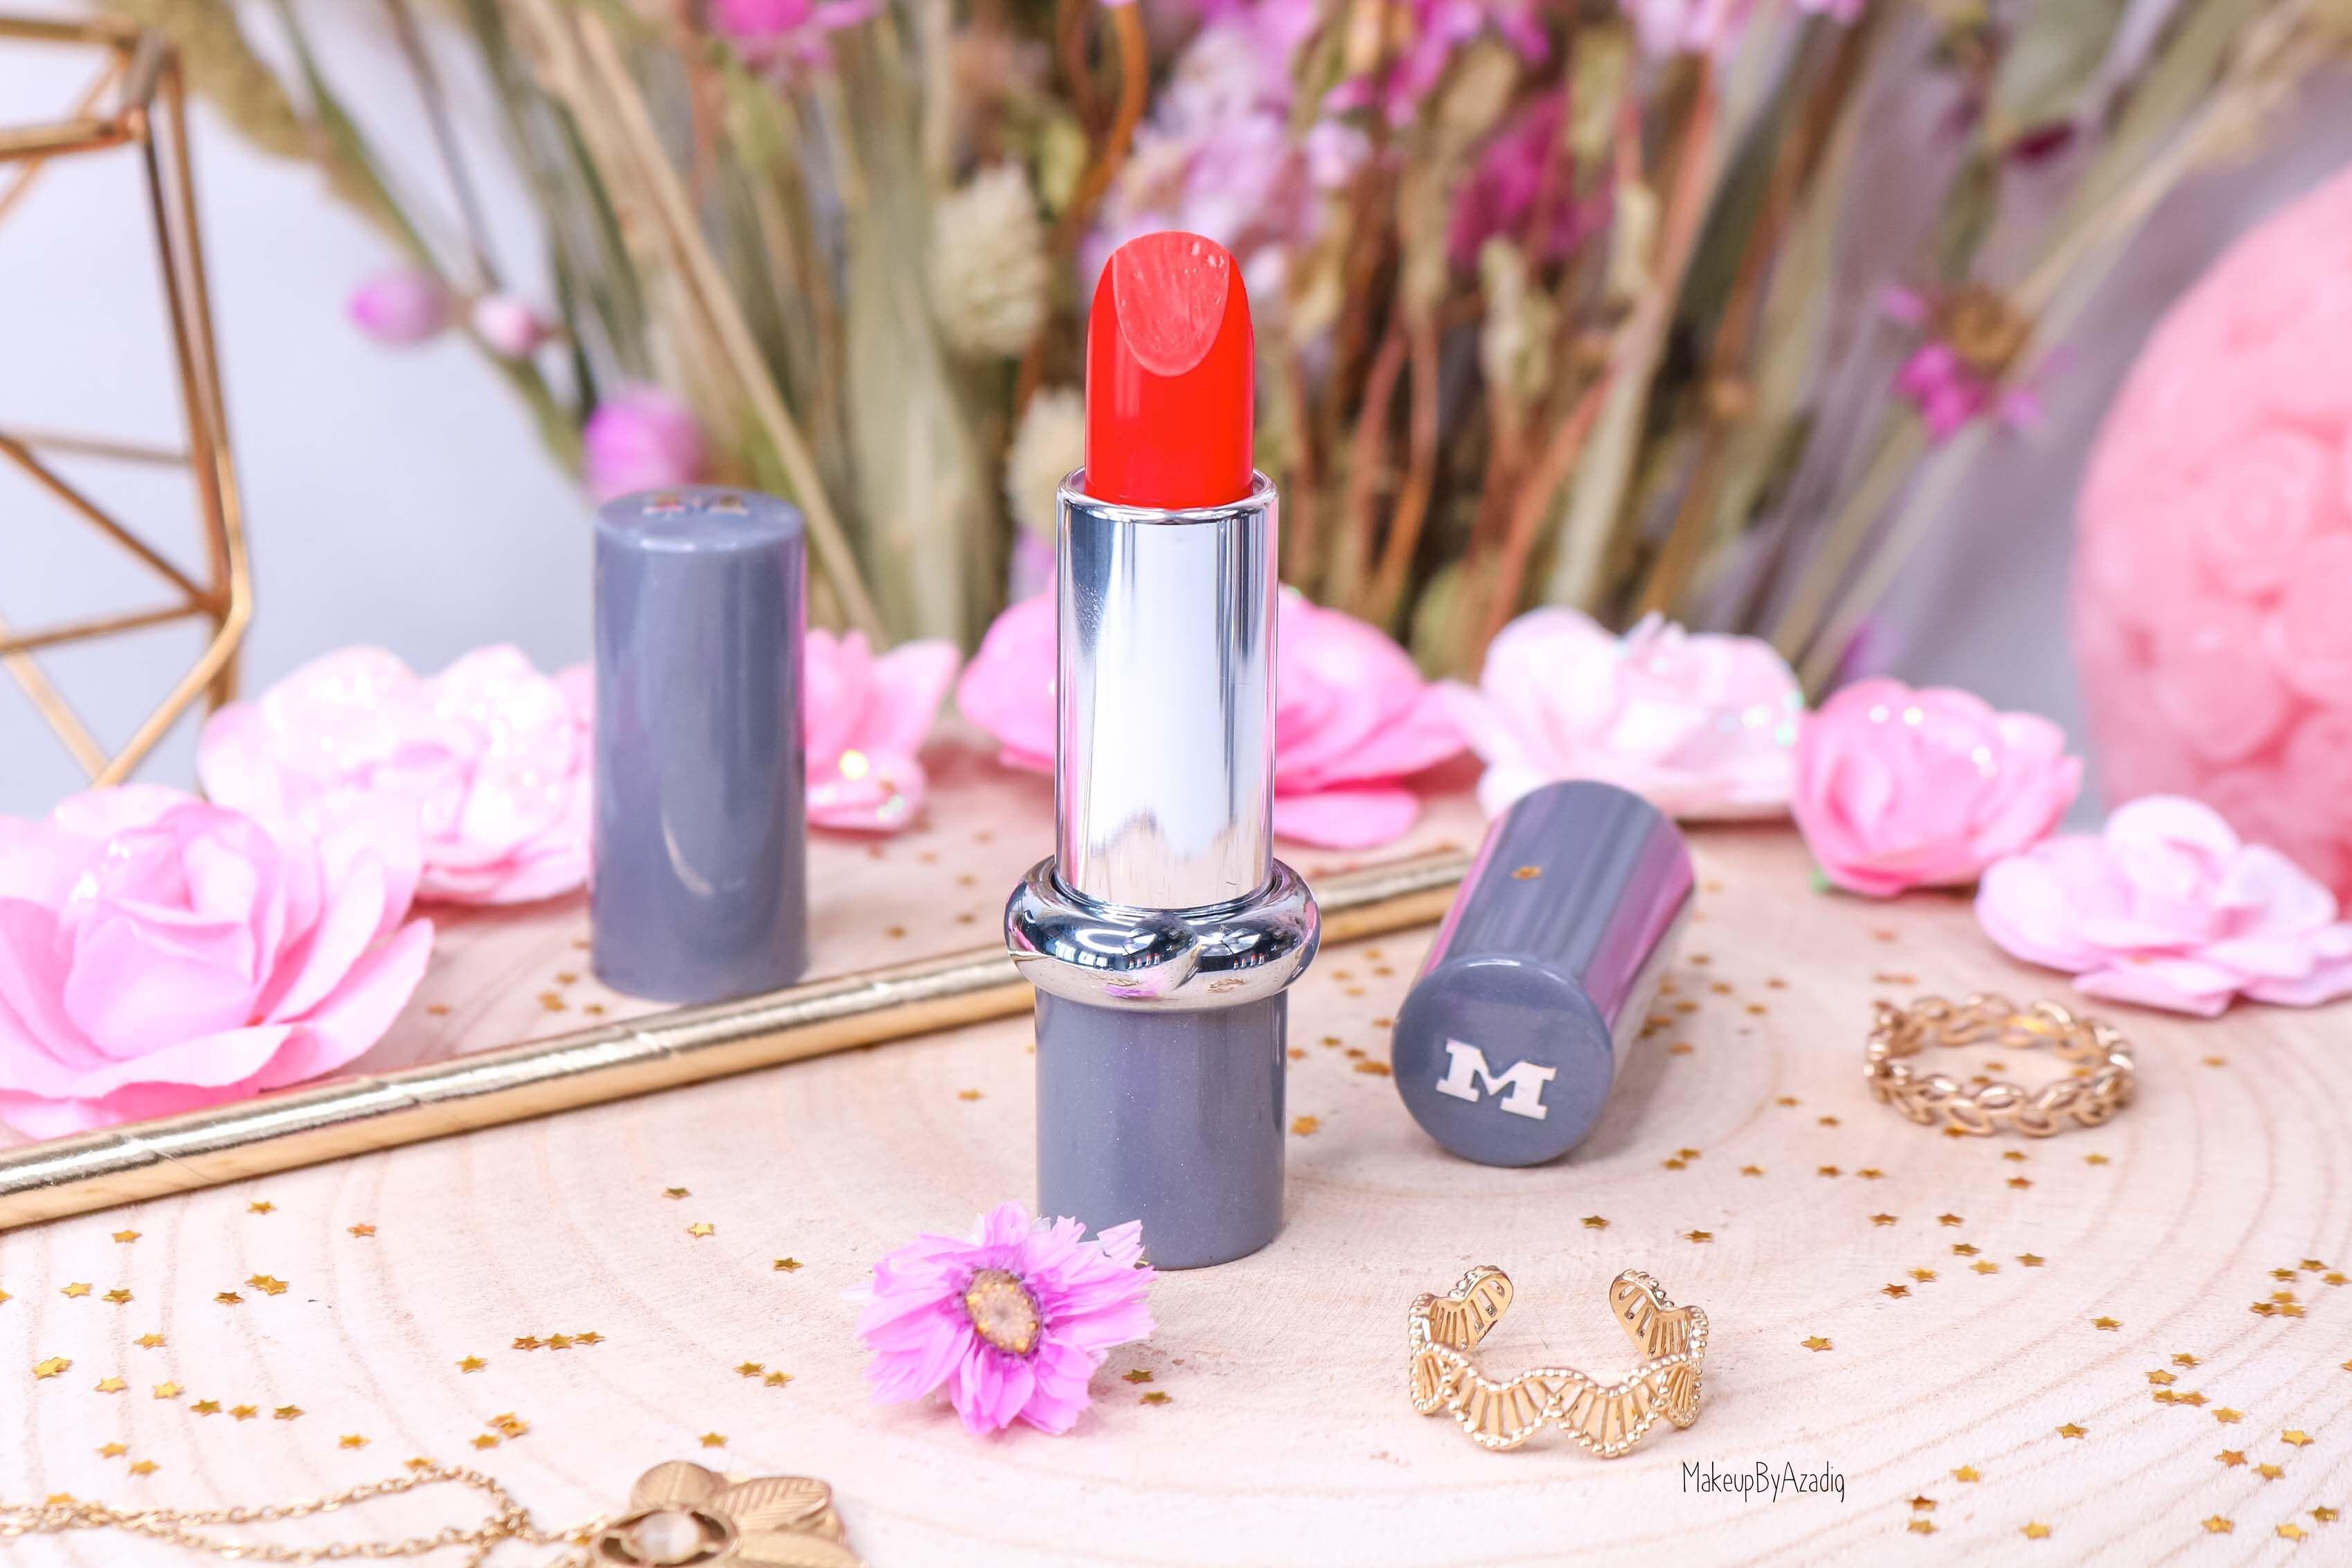 revue-rouge-a-levres-mavala-collection-sunlight-tendance-printemps-ete-2019-2020-monoprix-paris-makeupbyazadig-avis-prix-swatch-scarlet-red